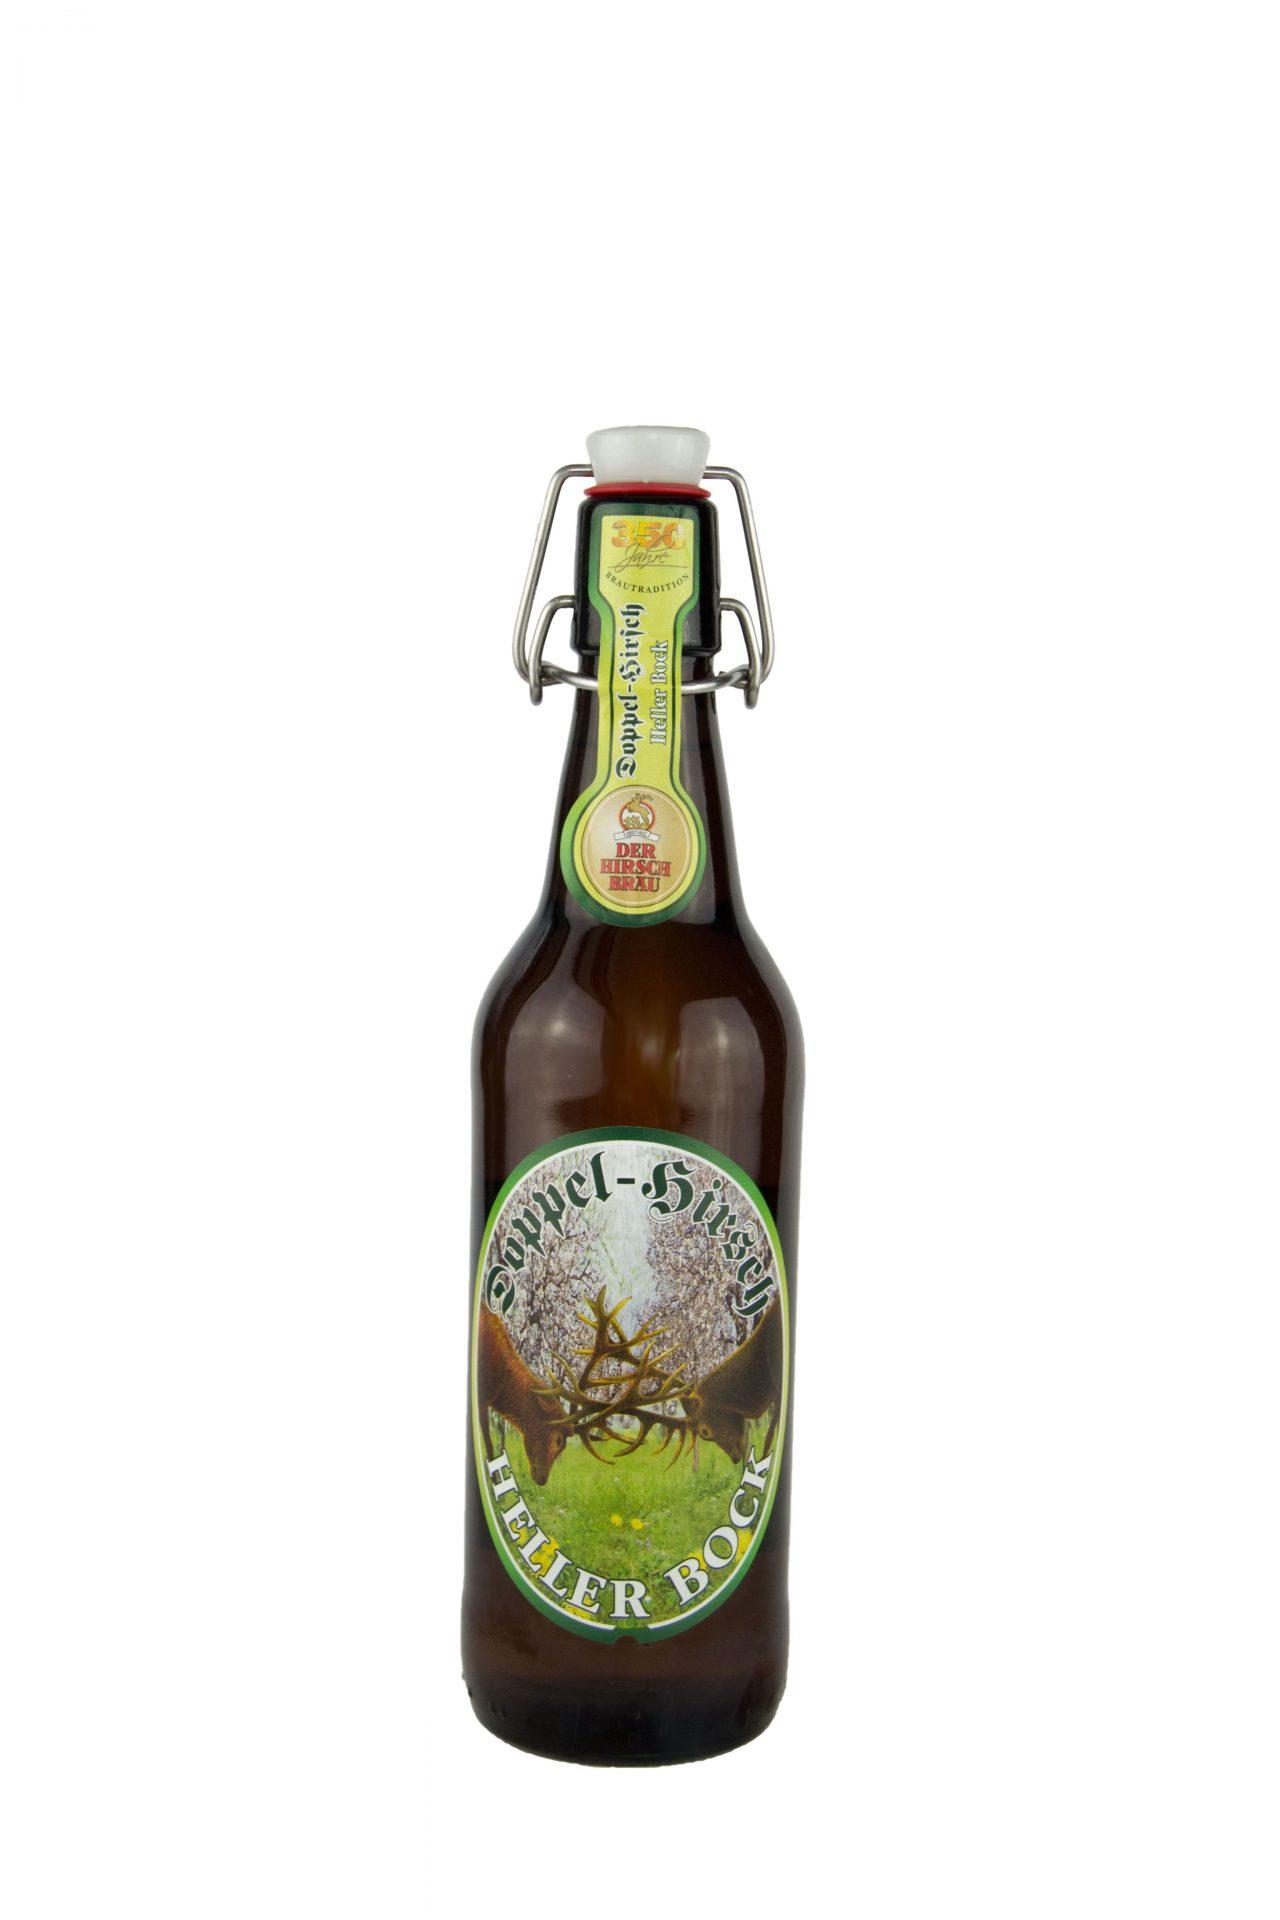 Höss Bier – Doppel Hirsch